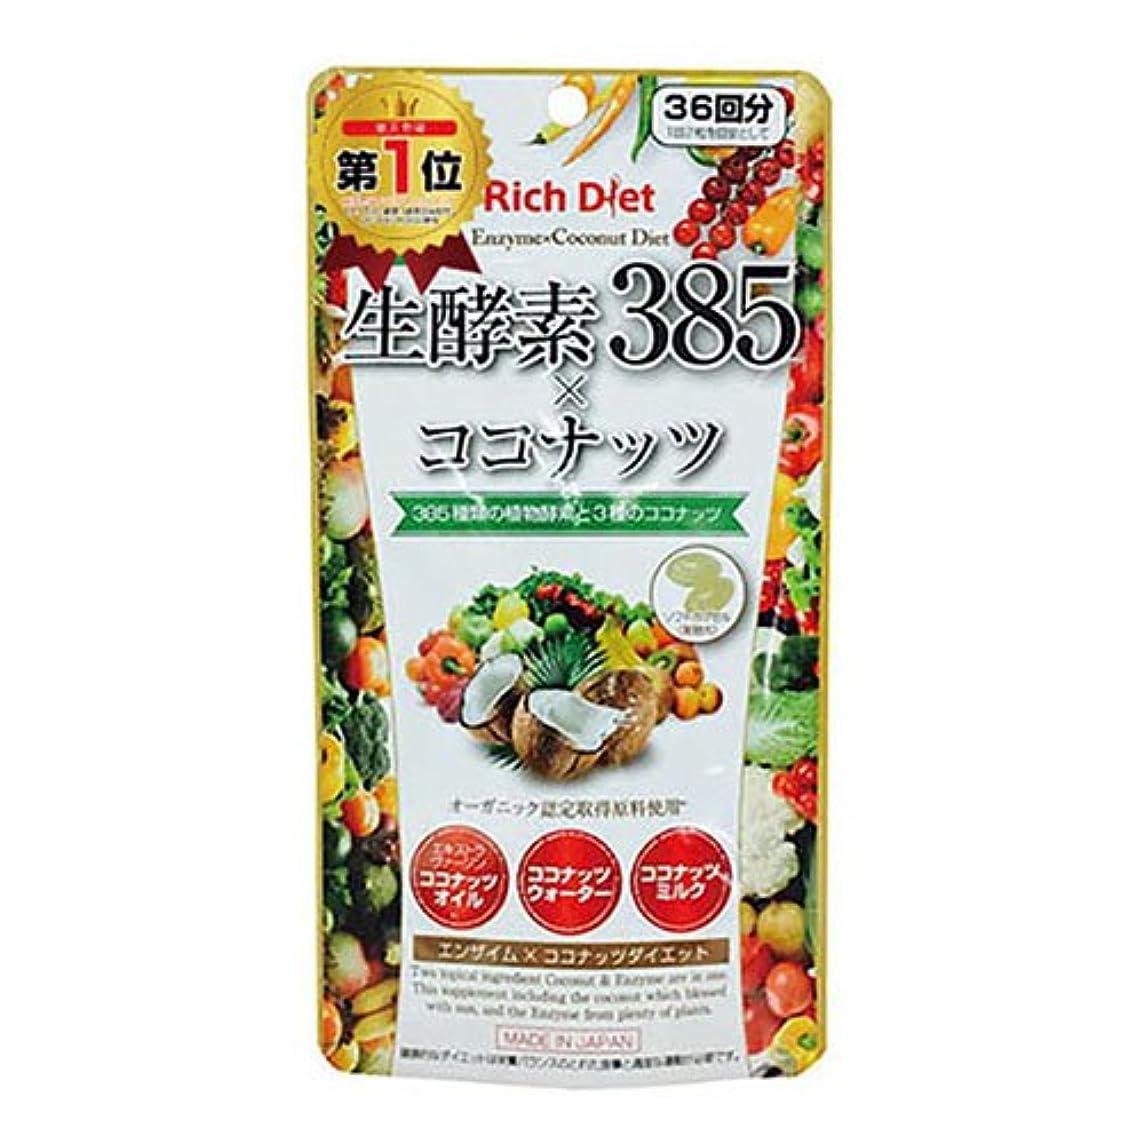 決定たまに繰り返したRich Diet 生酵素×ココナッツダイエット 72粒